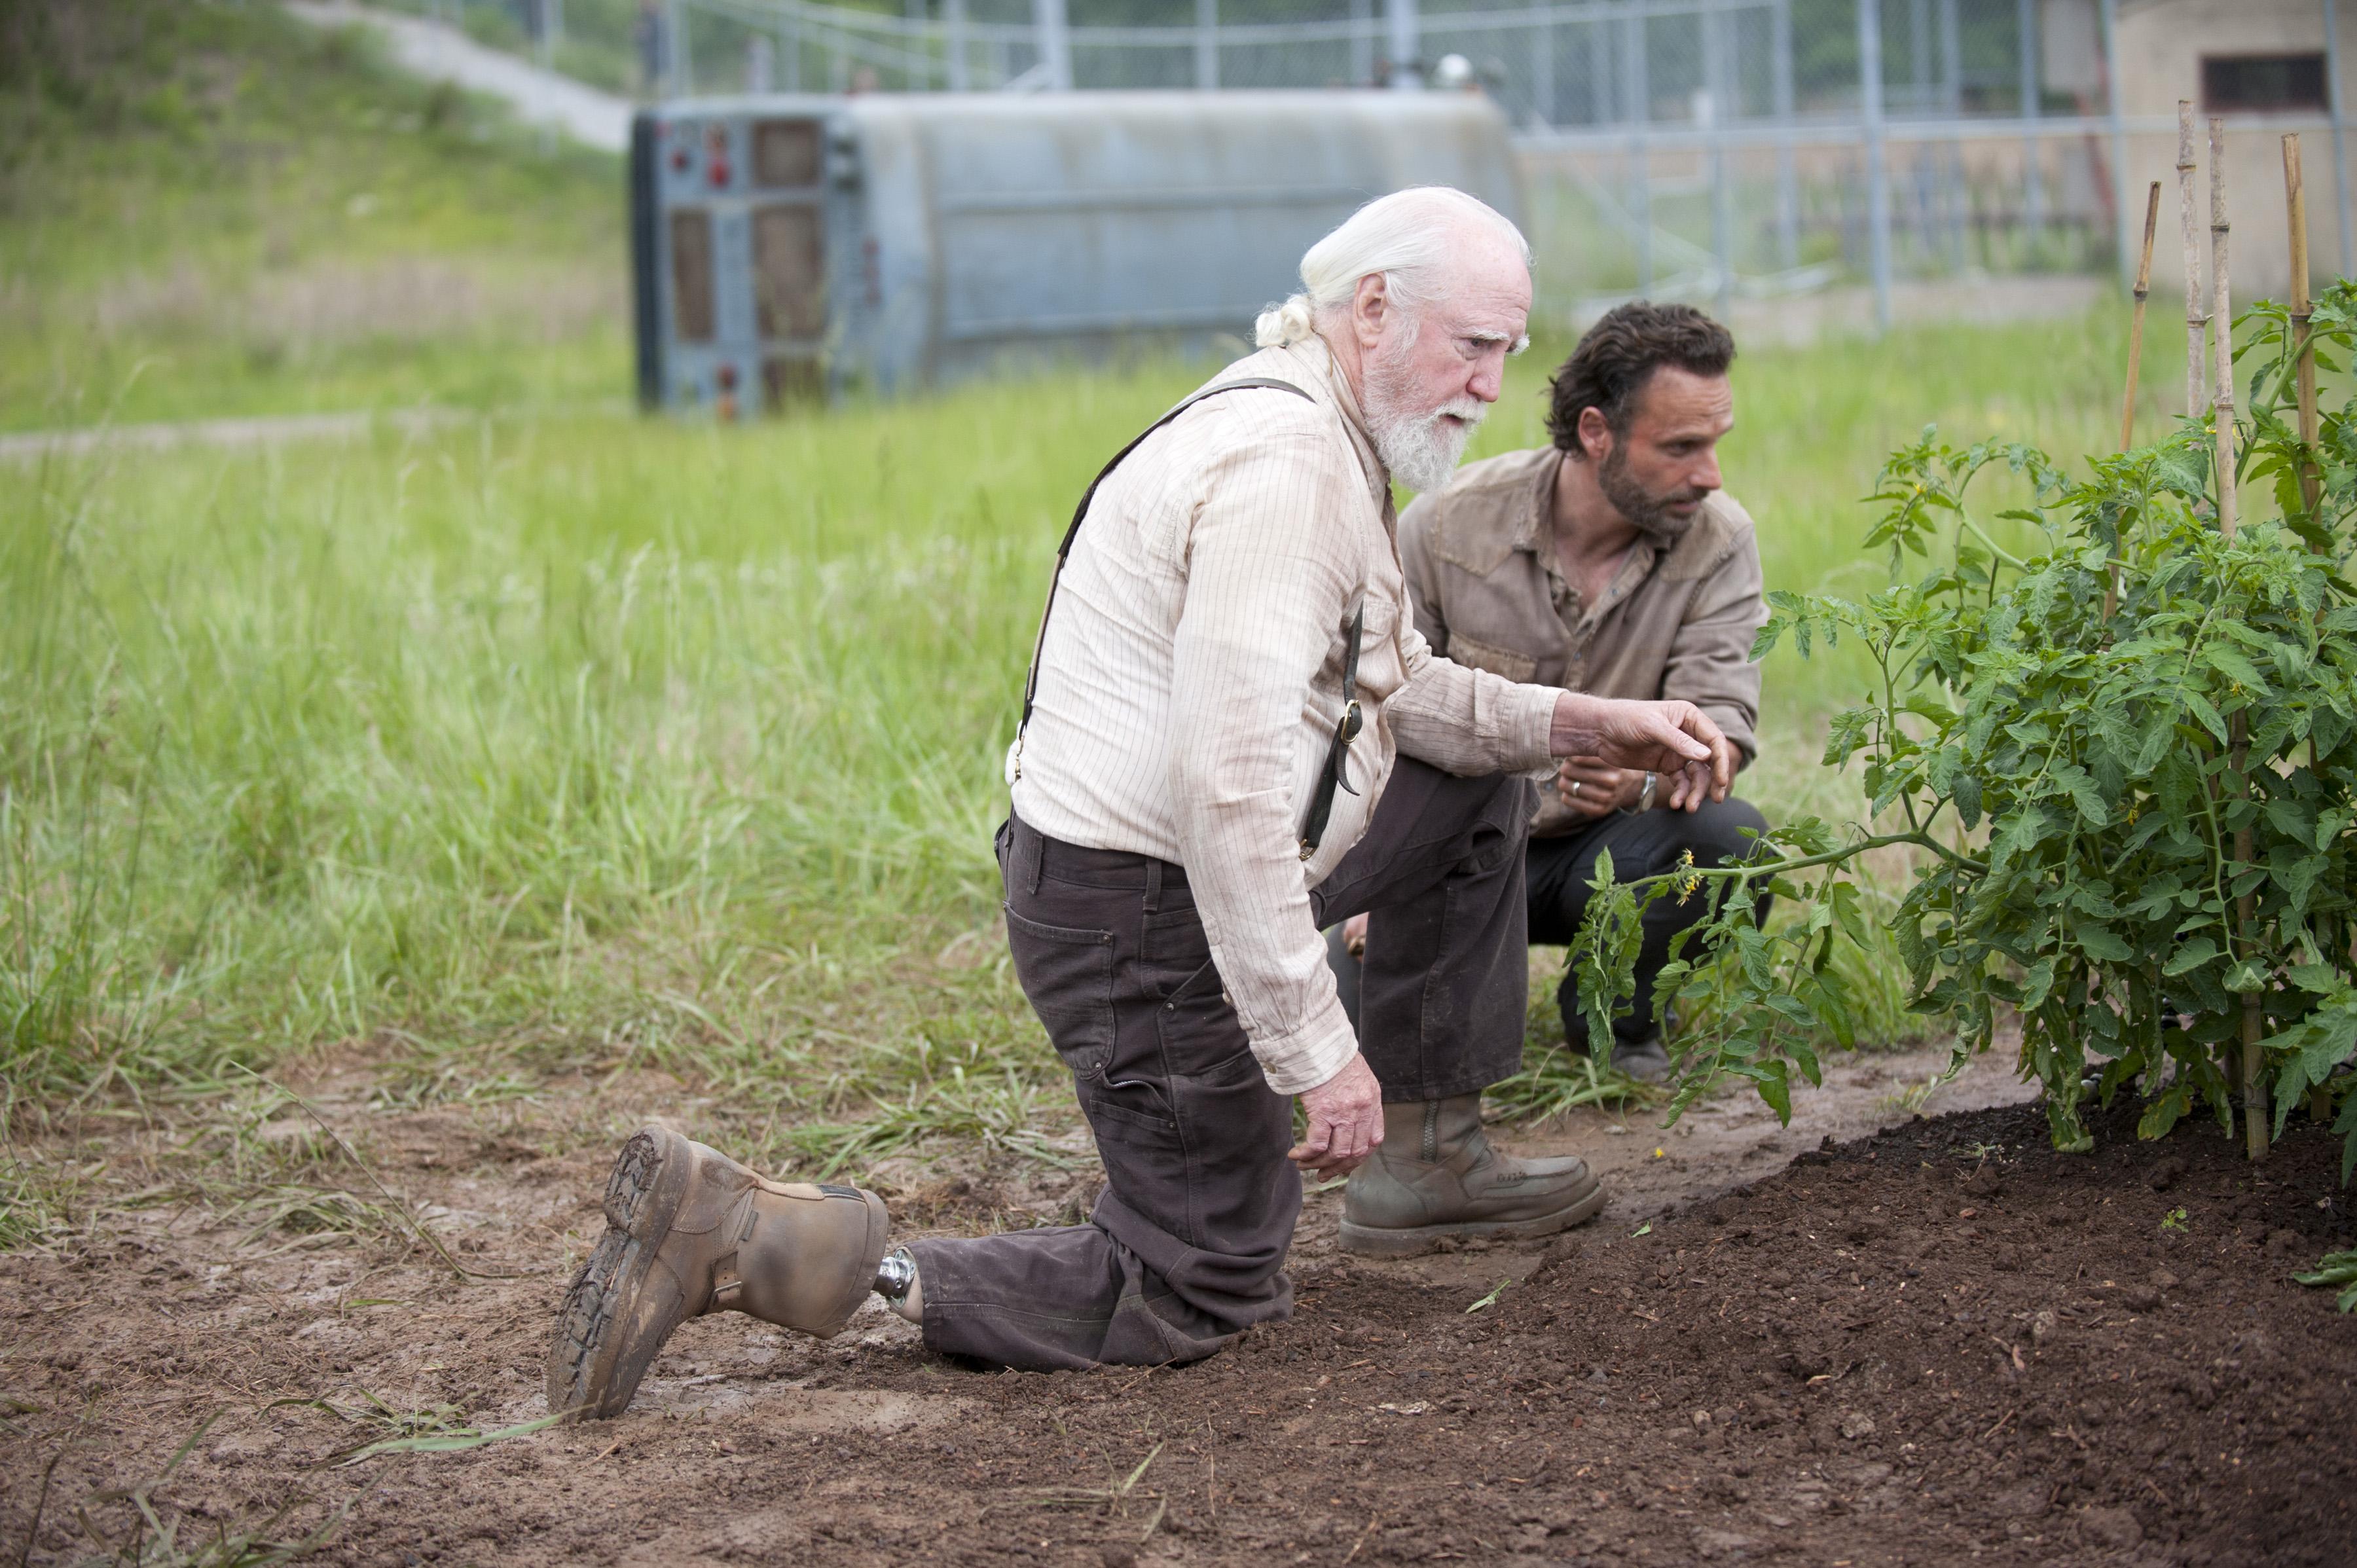 File:Planting crops.jpg